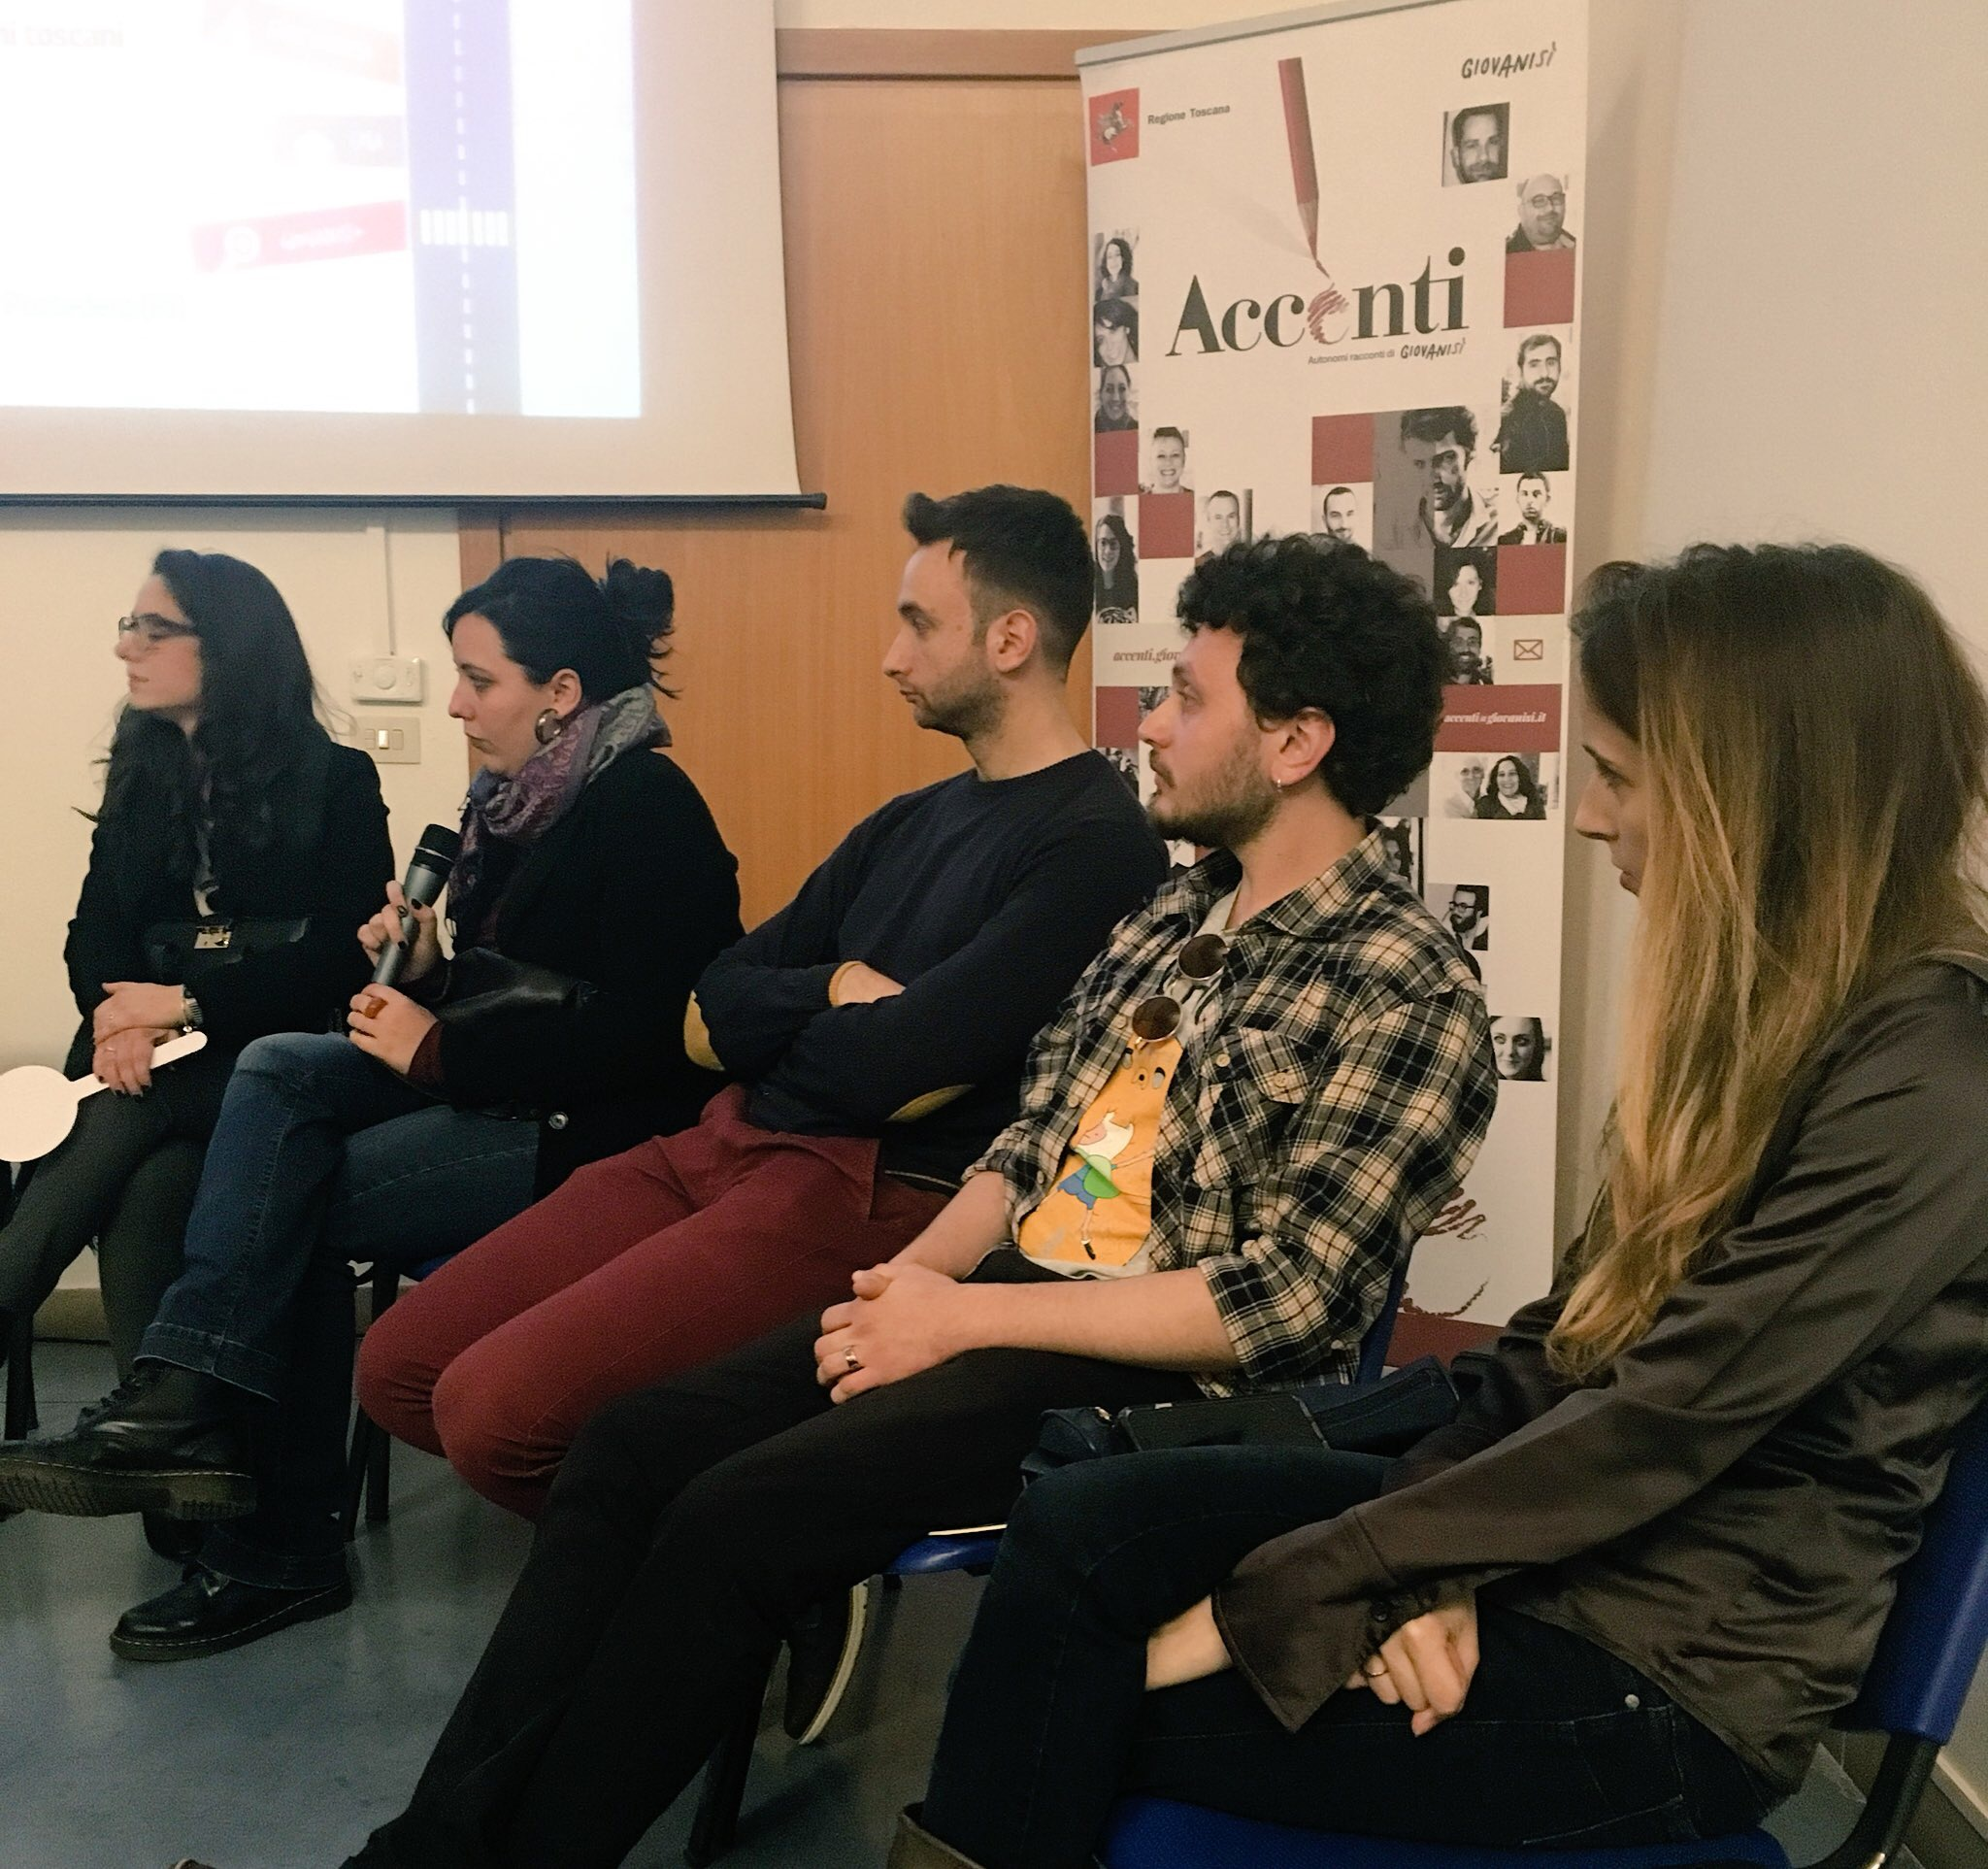 Prima tappa di #Giovanisìtour17 a Pontedera (PI): i contributi <div class='giovanisi-subtitle'>Rivivi l'evento con video, foto e social </div>